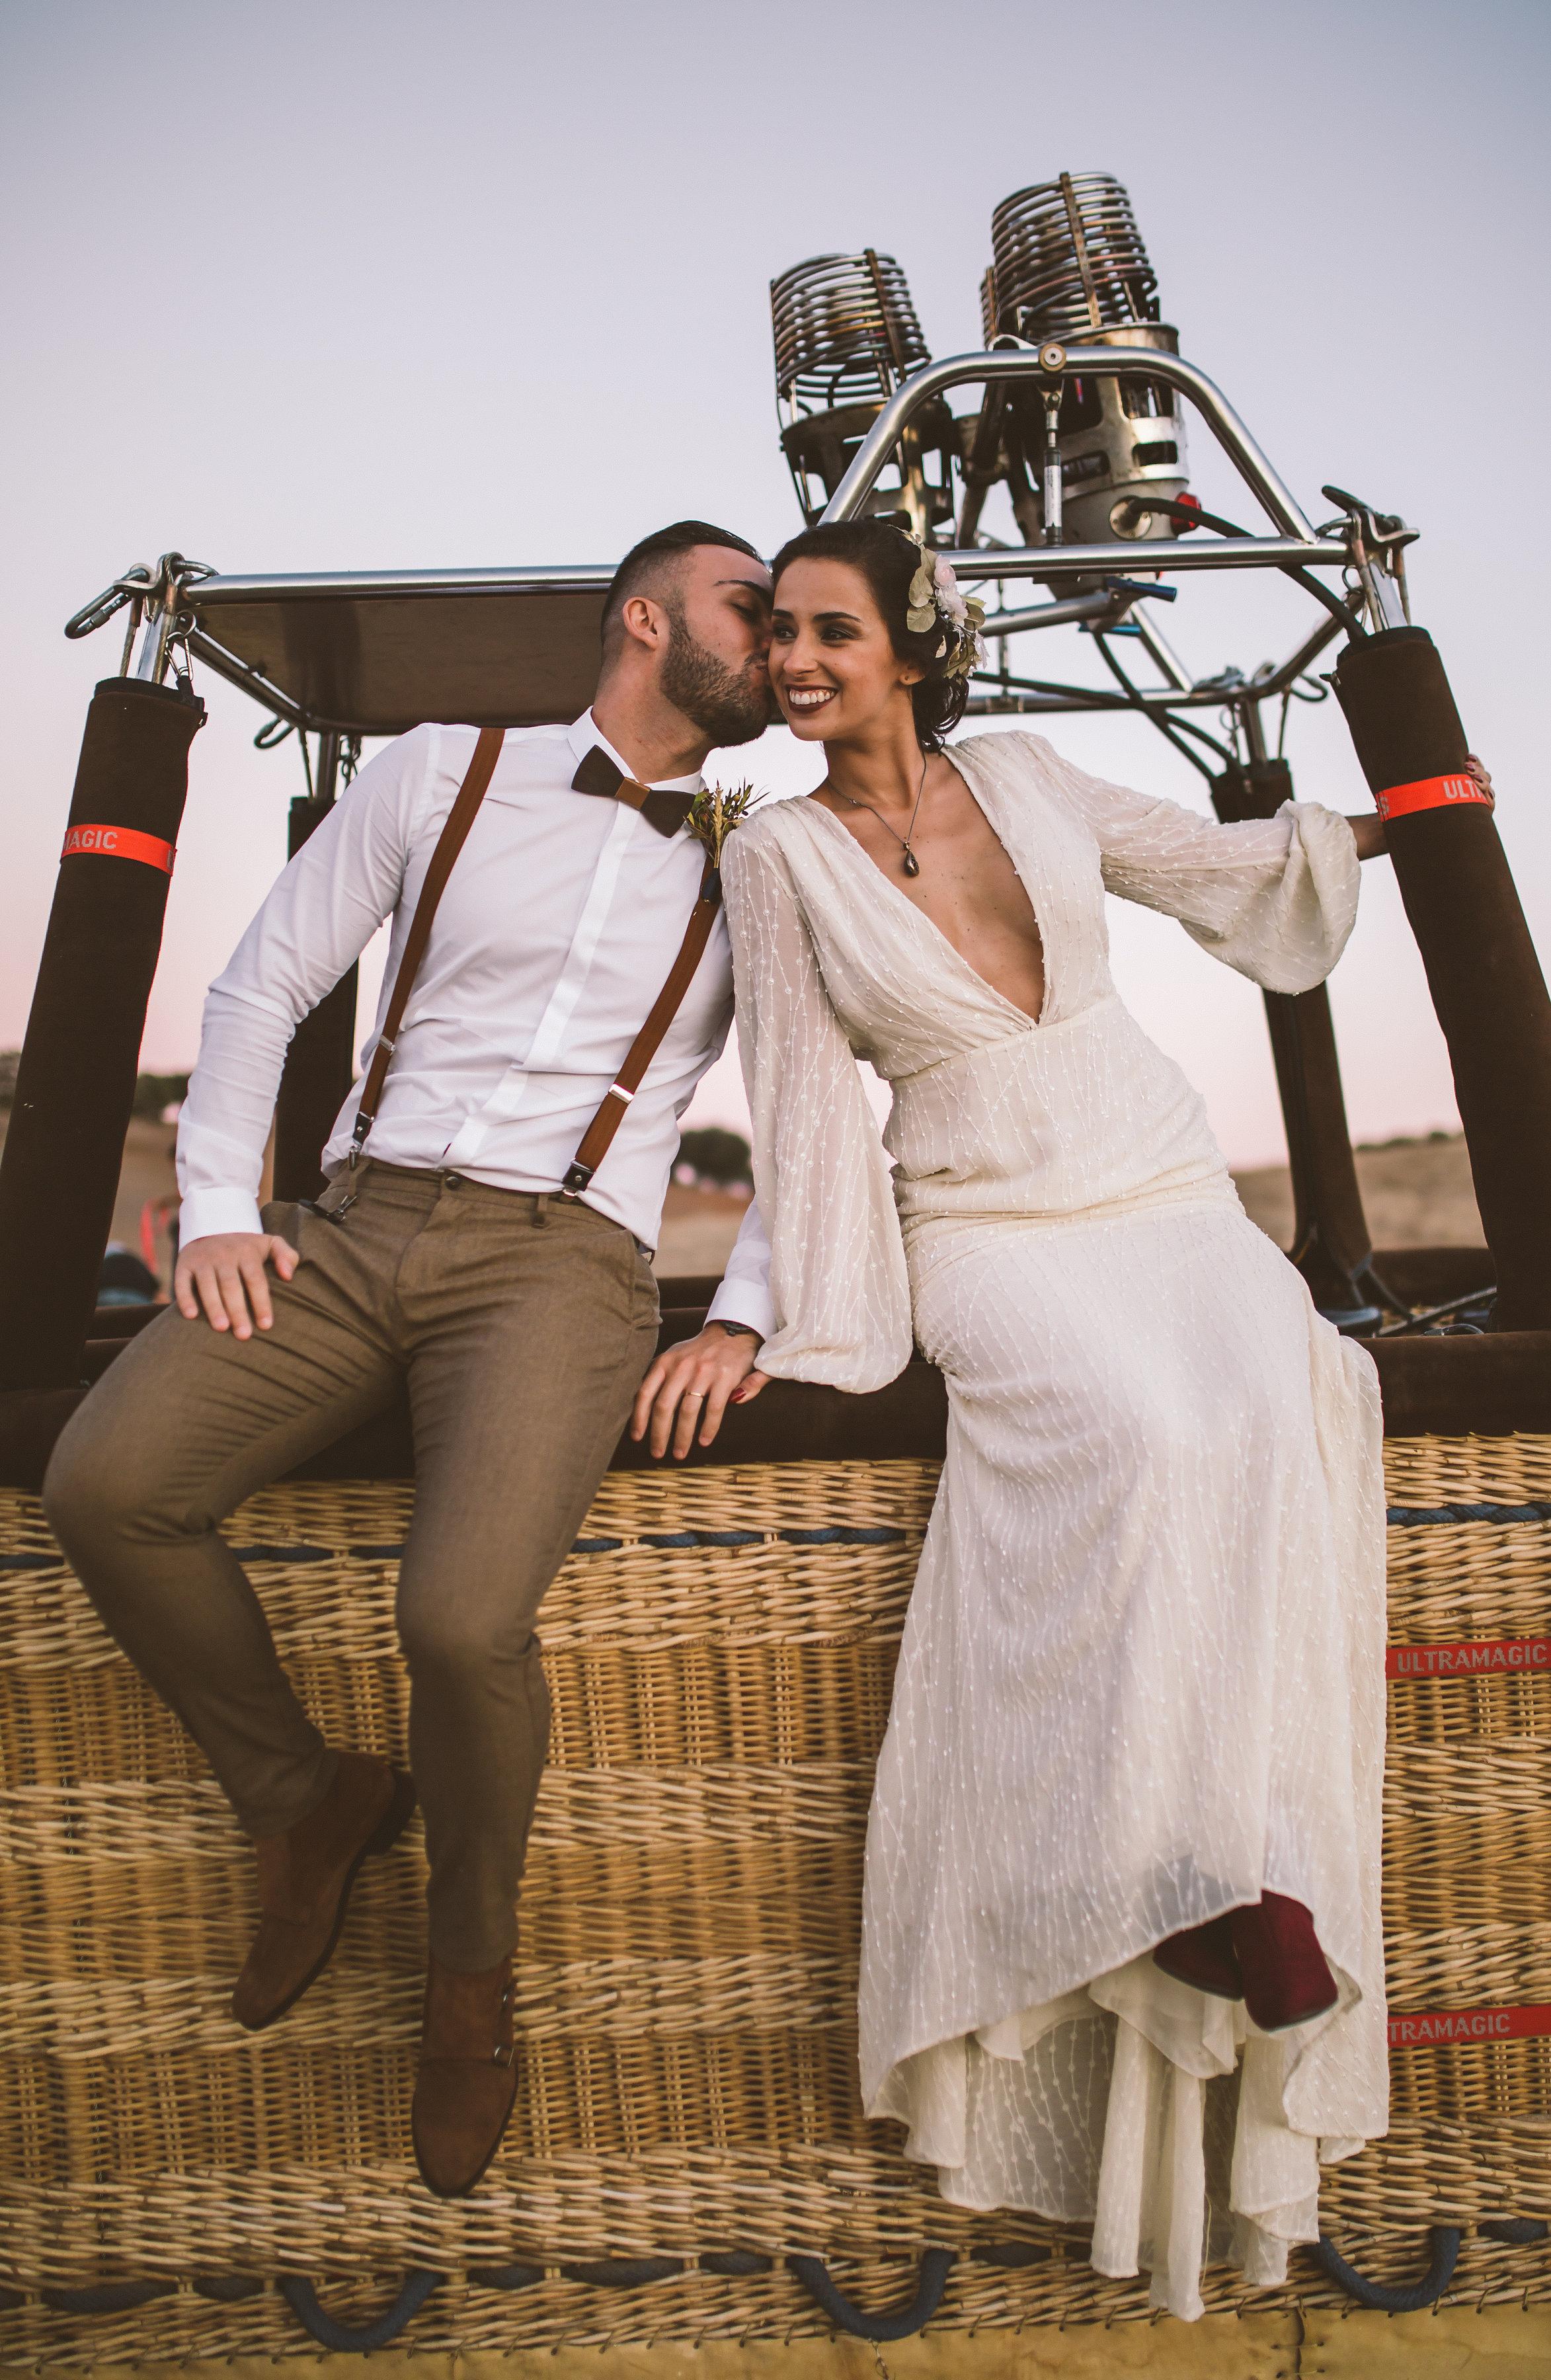 Bad Bad Maria Hot Balloon Wedding13 - Casamento em balão de ar quente